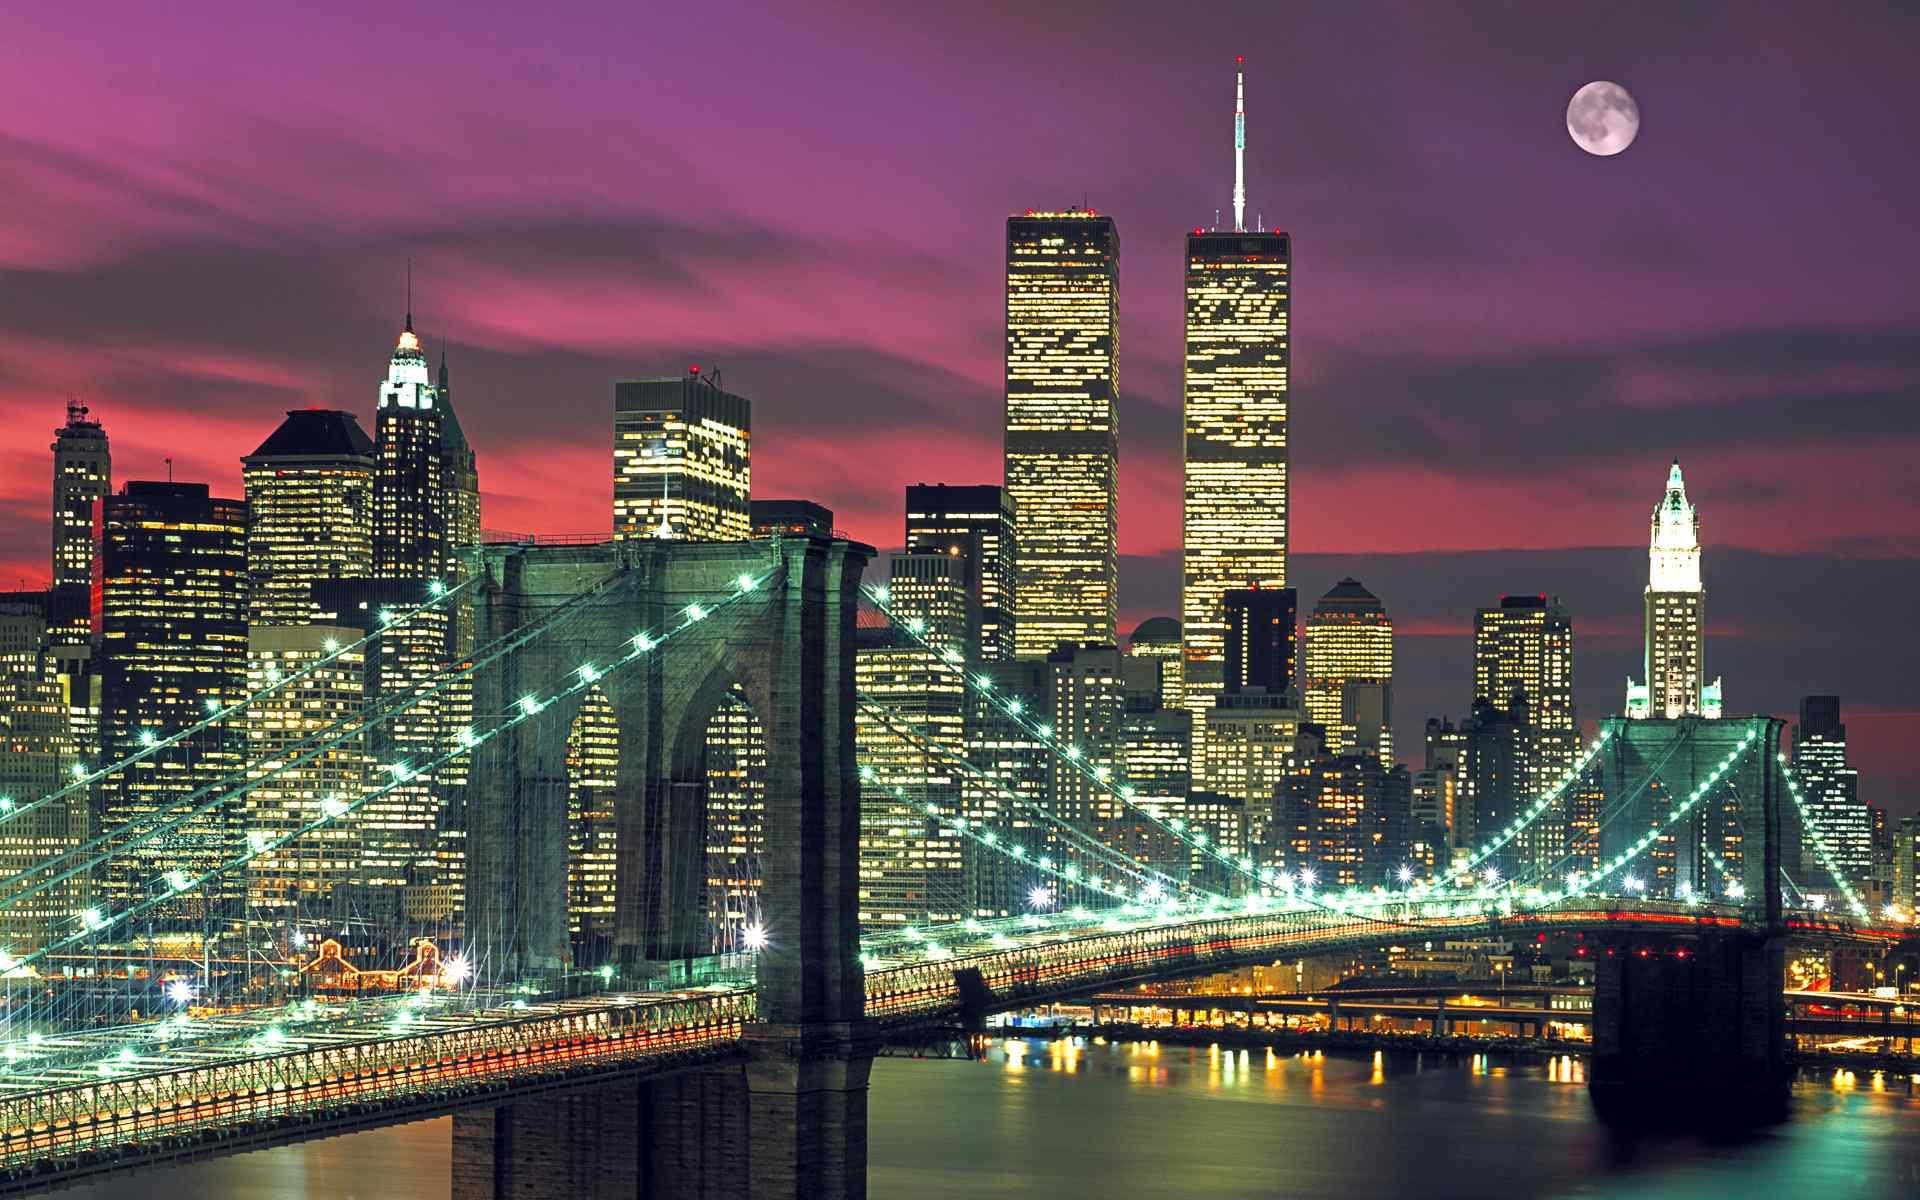 繁华城市夜空中的月亮图片桌面壁纸